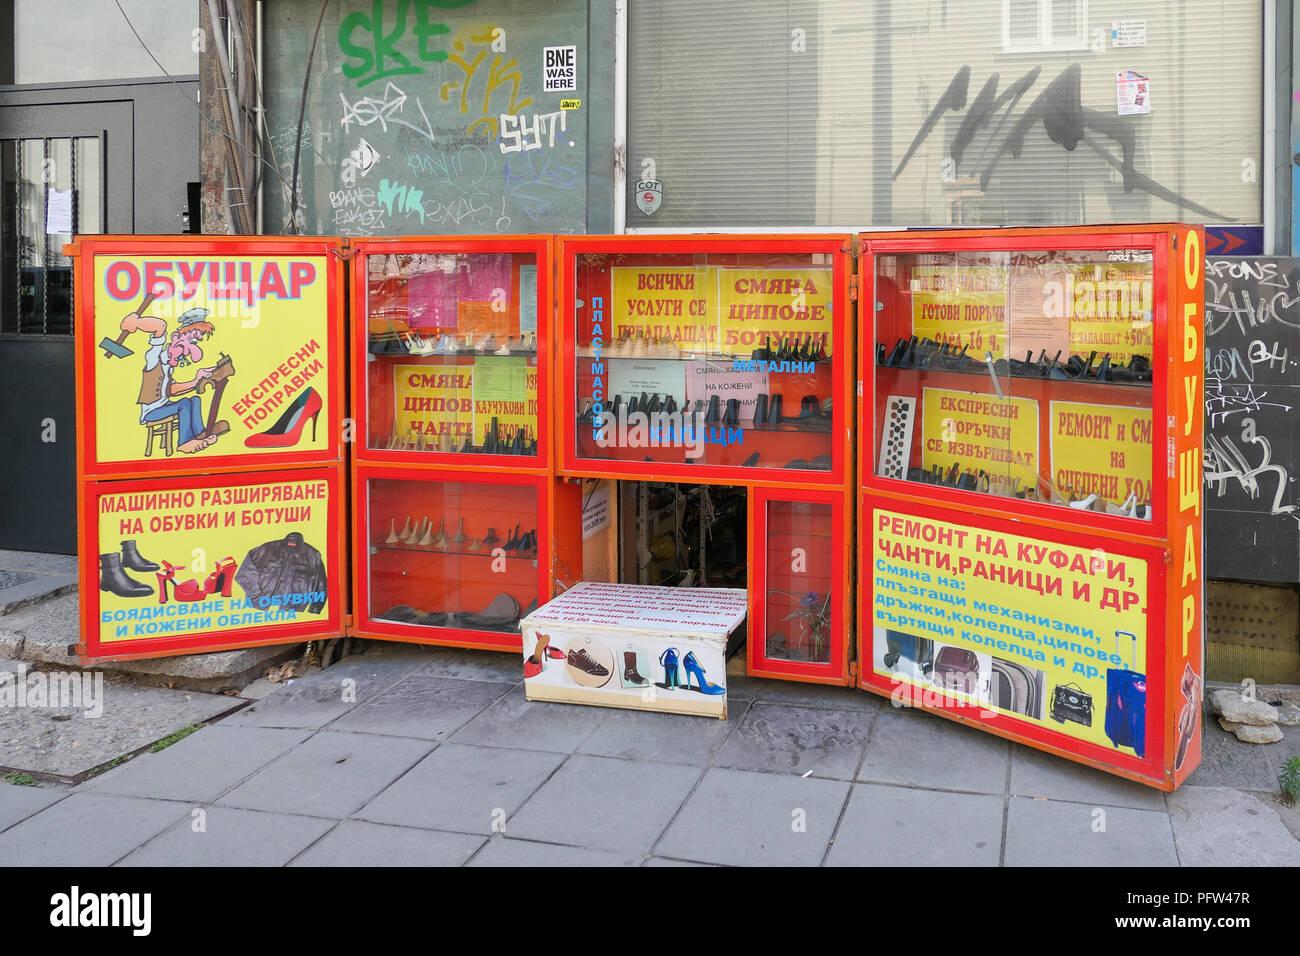 Sofia Klek shoe repair shop ou s'agenouiller ou s'accroupir shop shop - typique de Sofia opérant à partir d'un sous-sol, Bulgarie Photo Stock